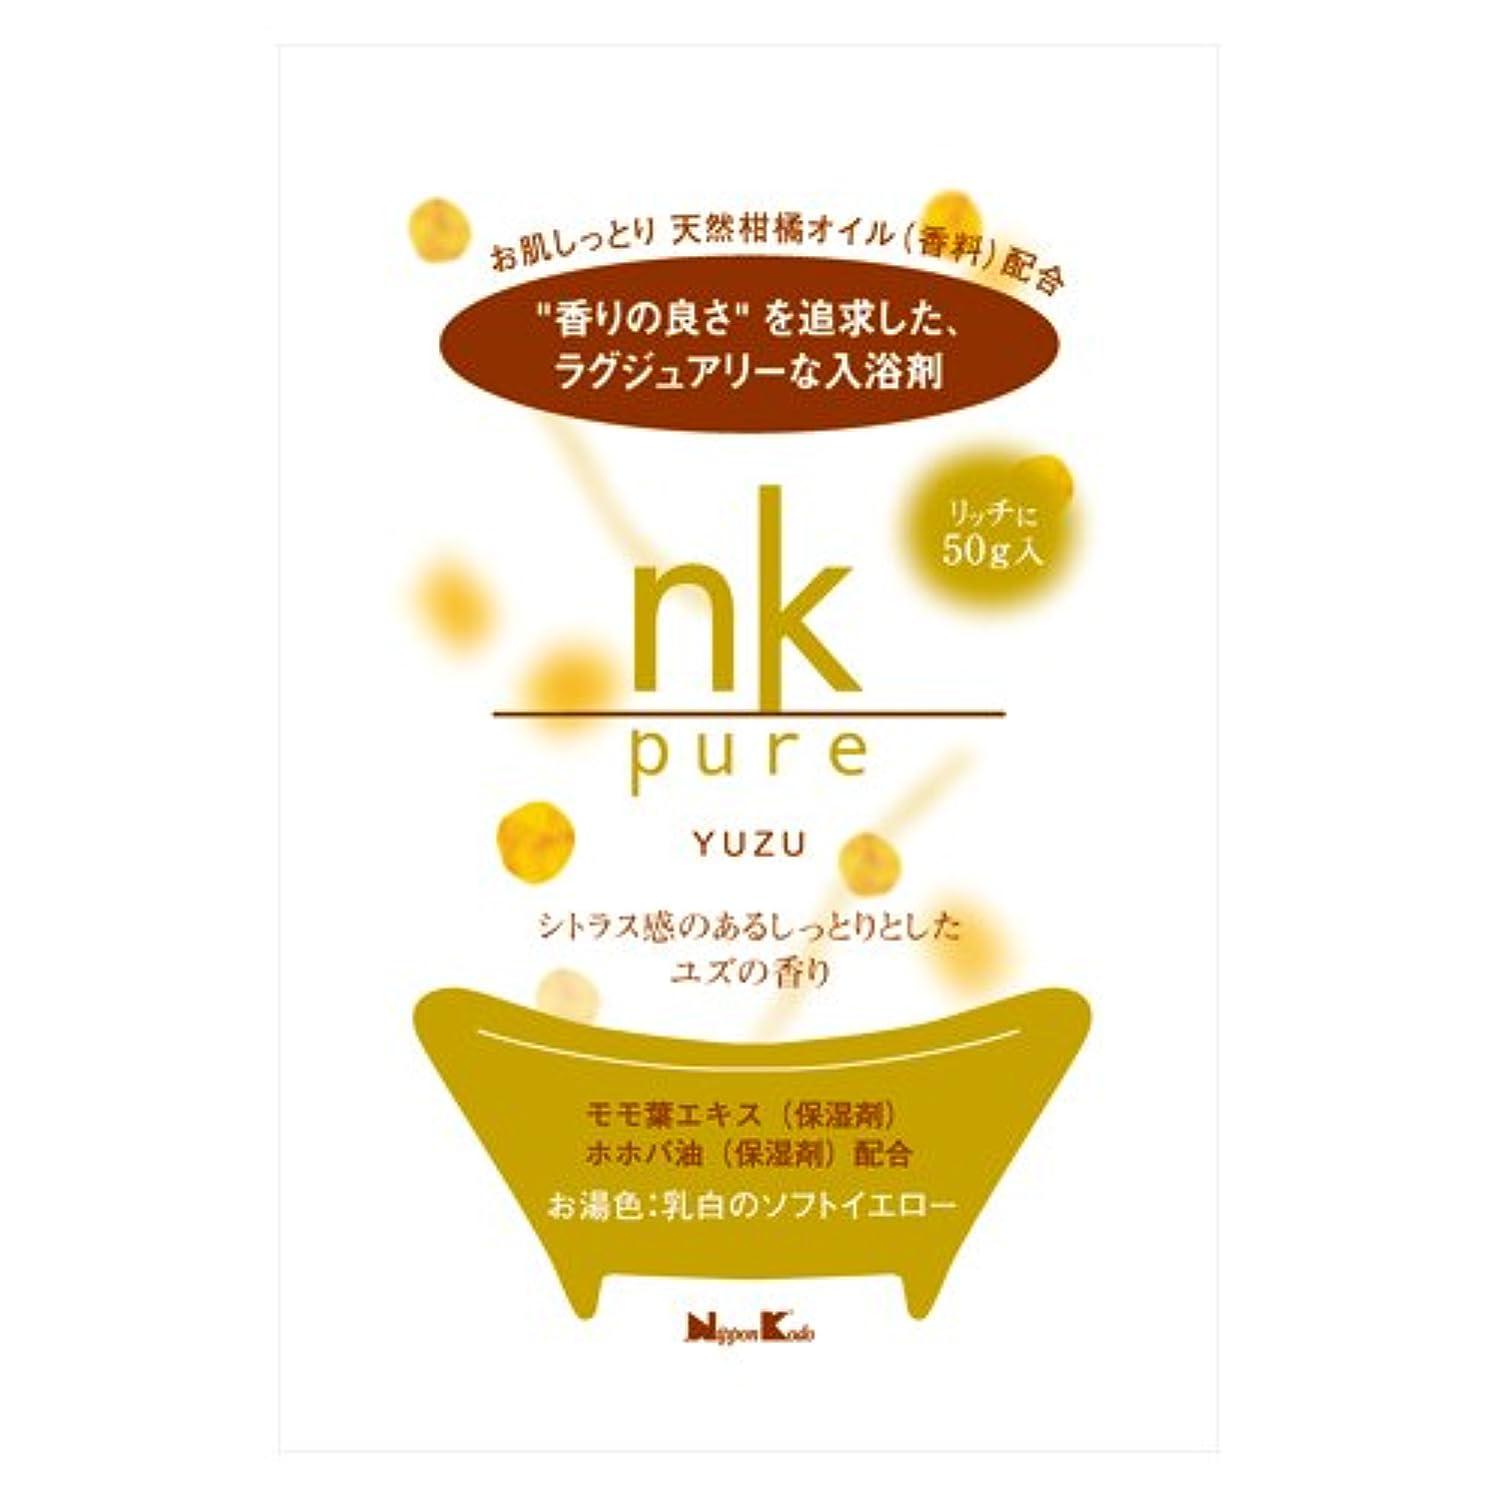 放射能スカウト証言【X10個セット】 nk pure 入浴剤 ユズ 50g